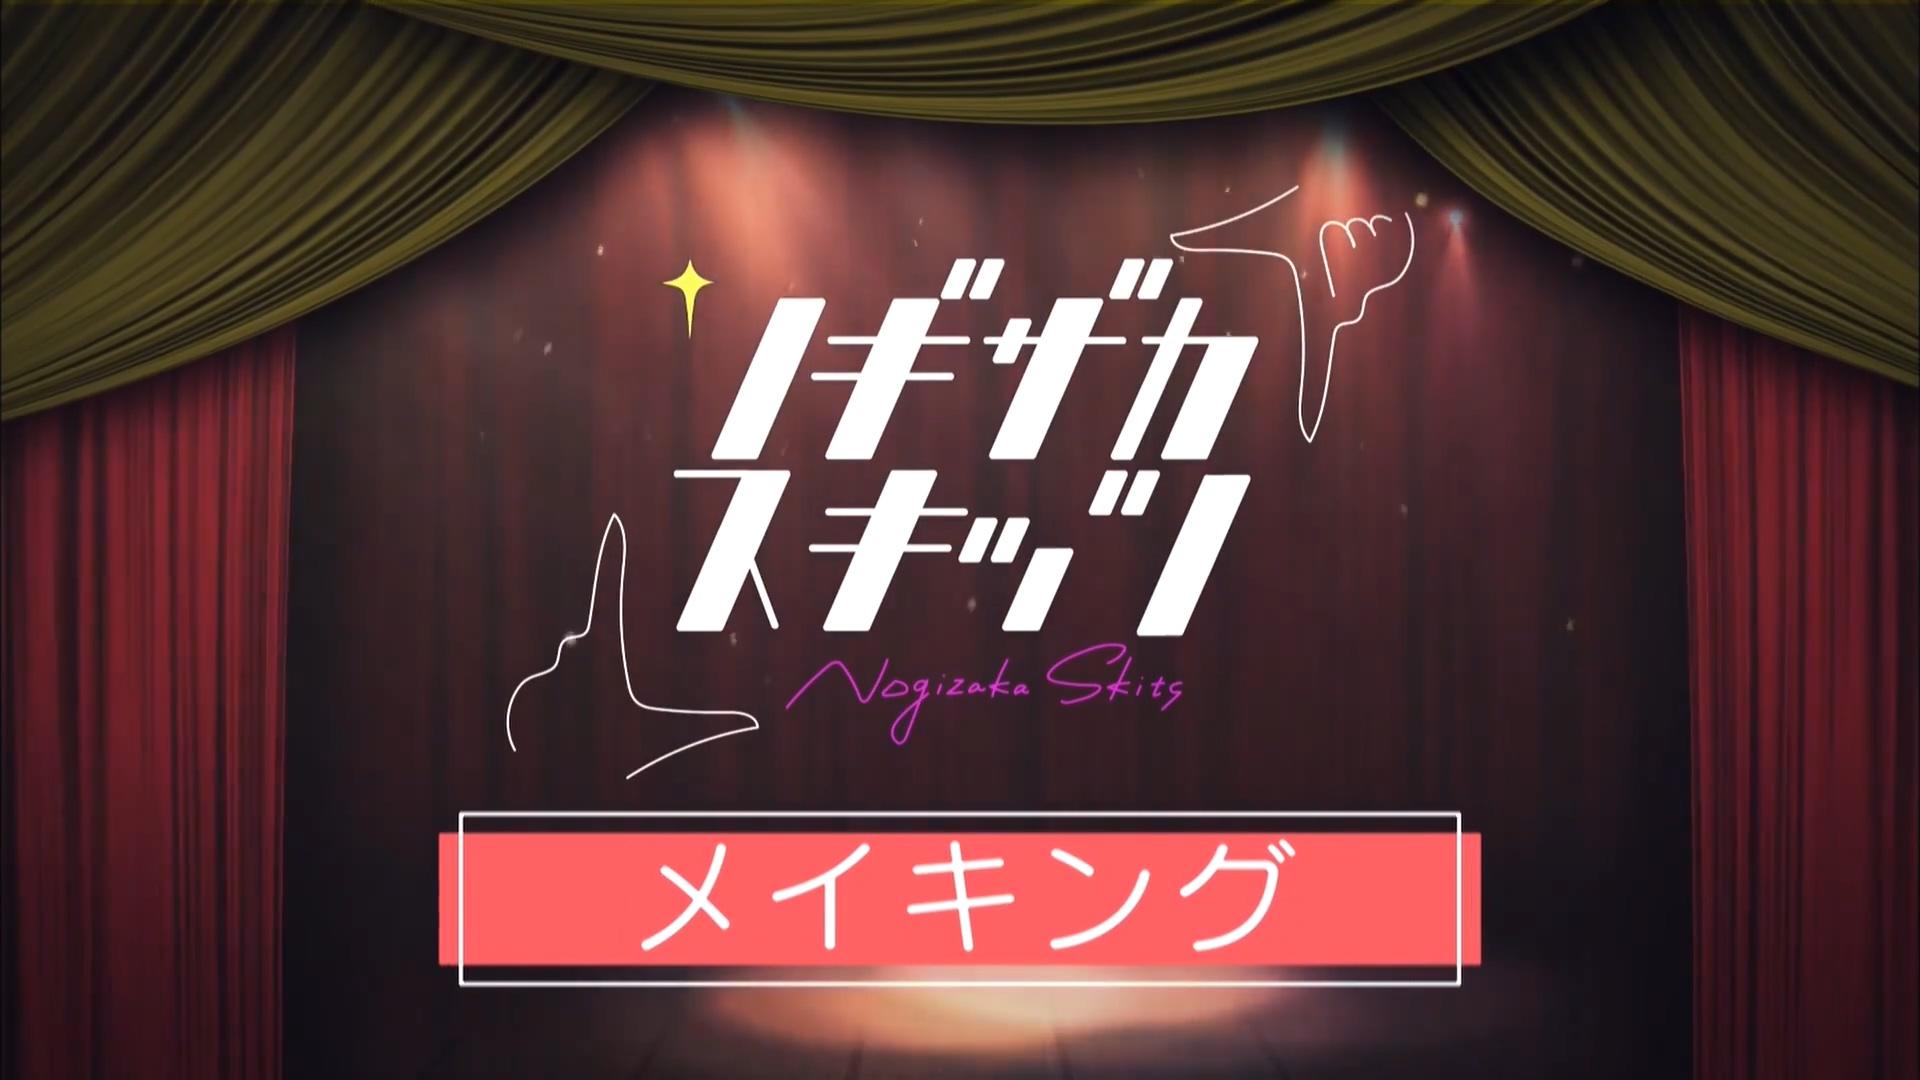 Nogizaka Skits ACT 1 Making of 1